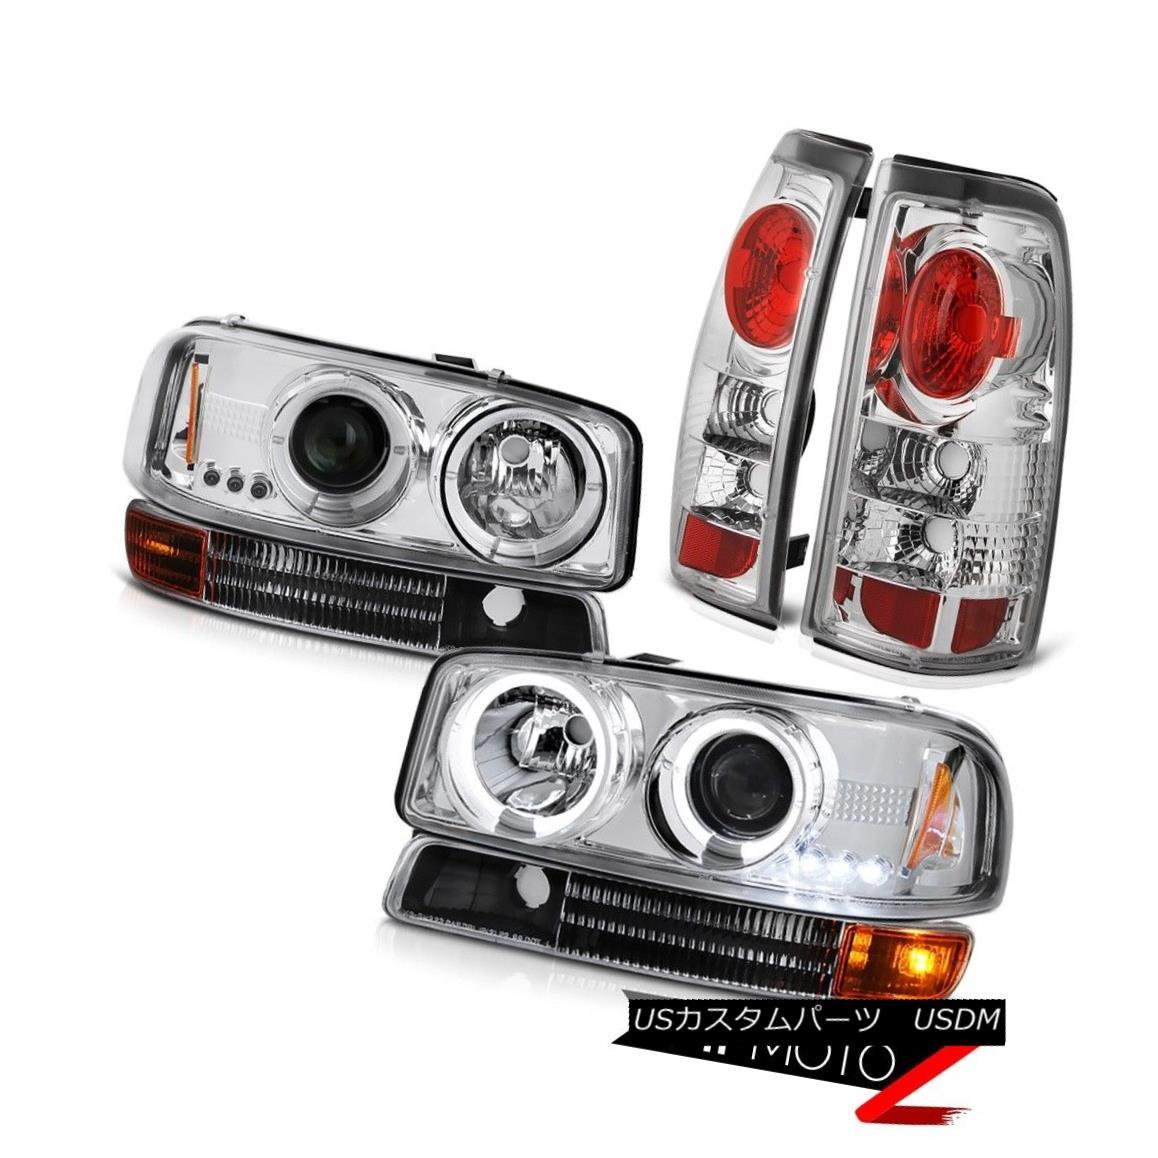 ヘッドライト 99-03 Sierra DuraMax 6.6L Angel Eye Projector Headlights Signal Rear Tail Lamps 99-03 Sierra DuraMax 6.6Lエンジェルアイプロジェクターヘッドライト信号リアテールランプ